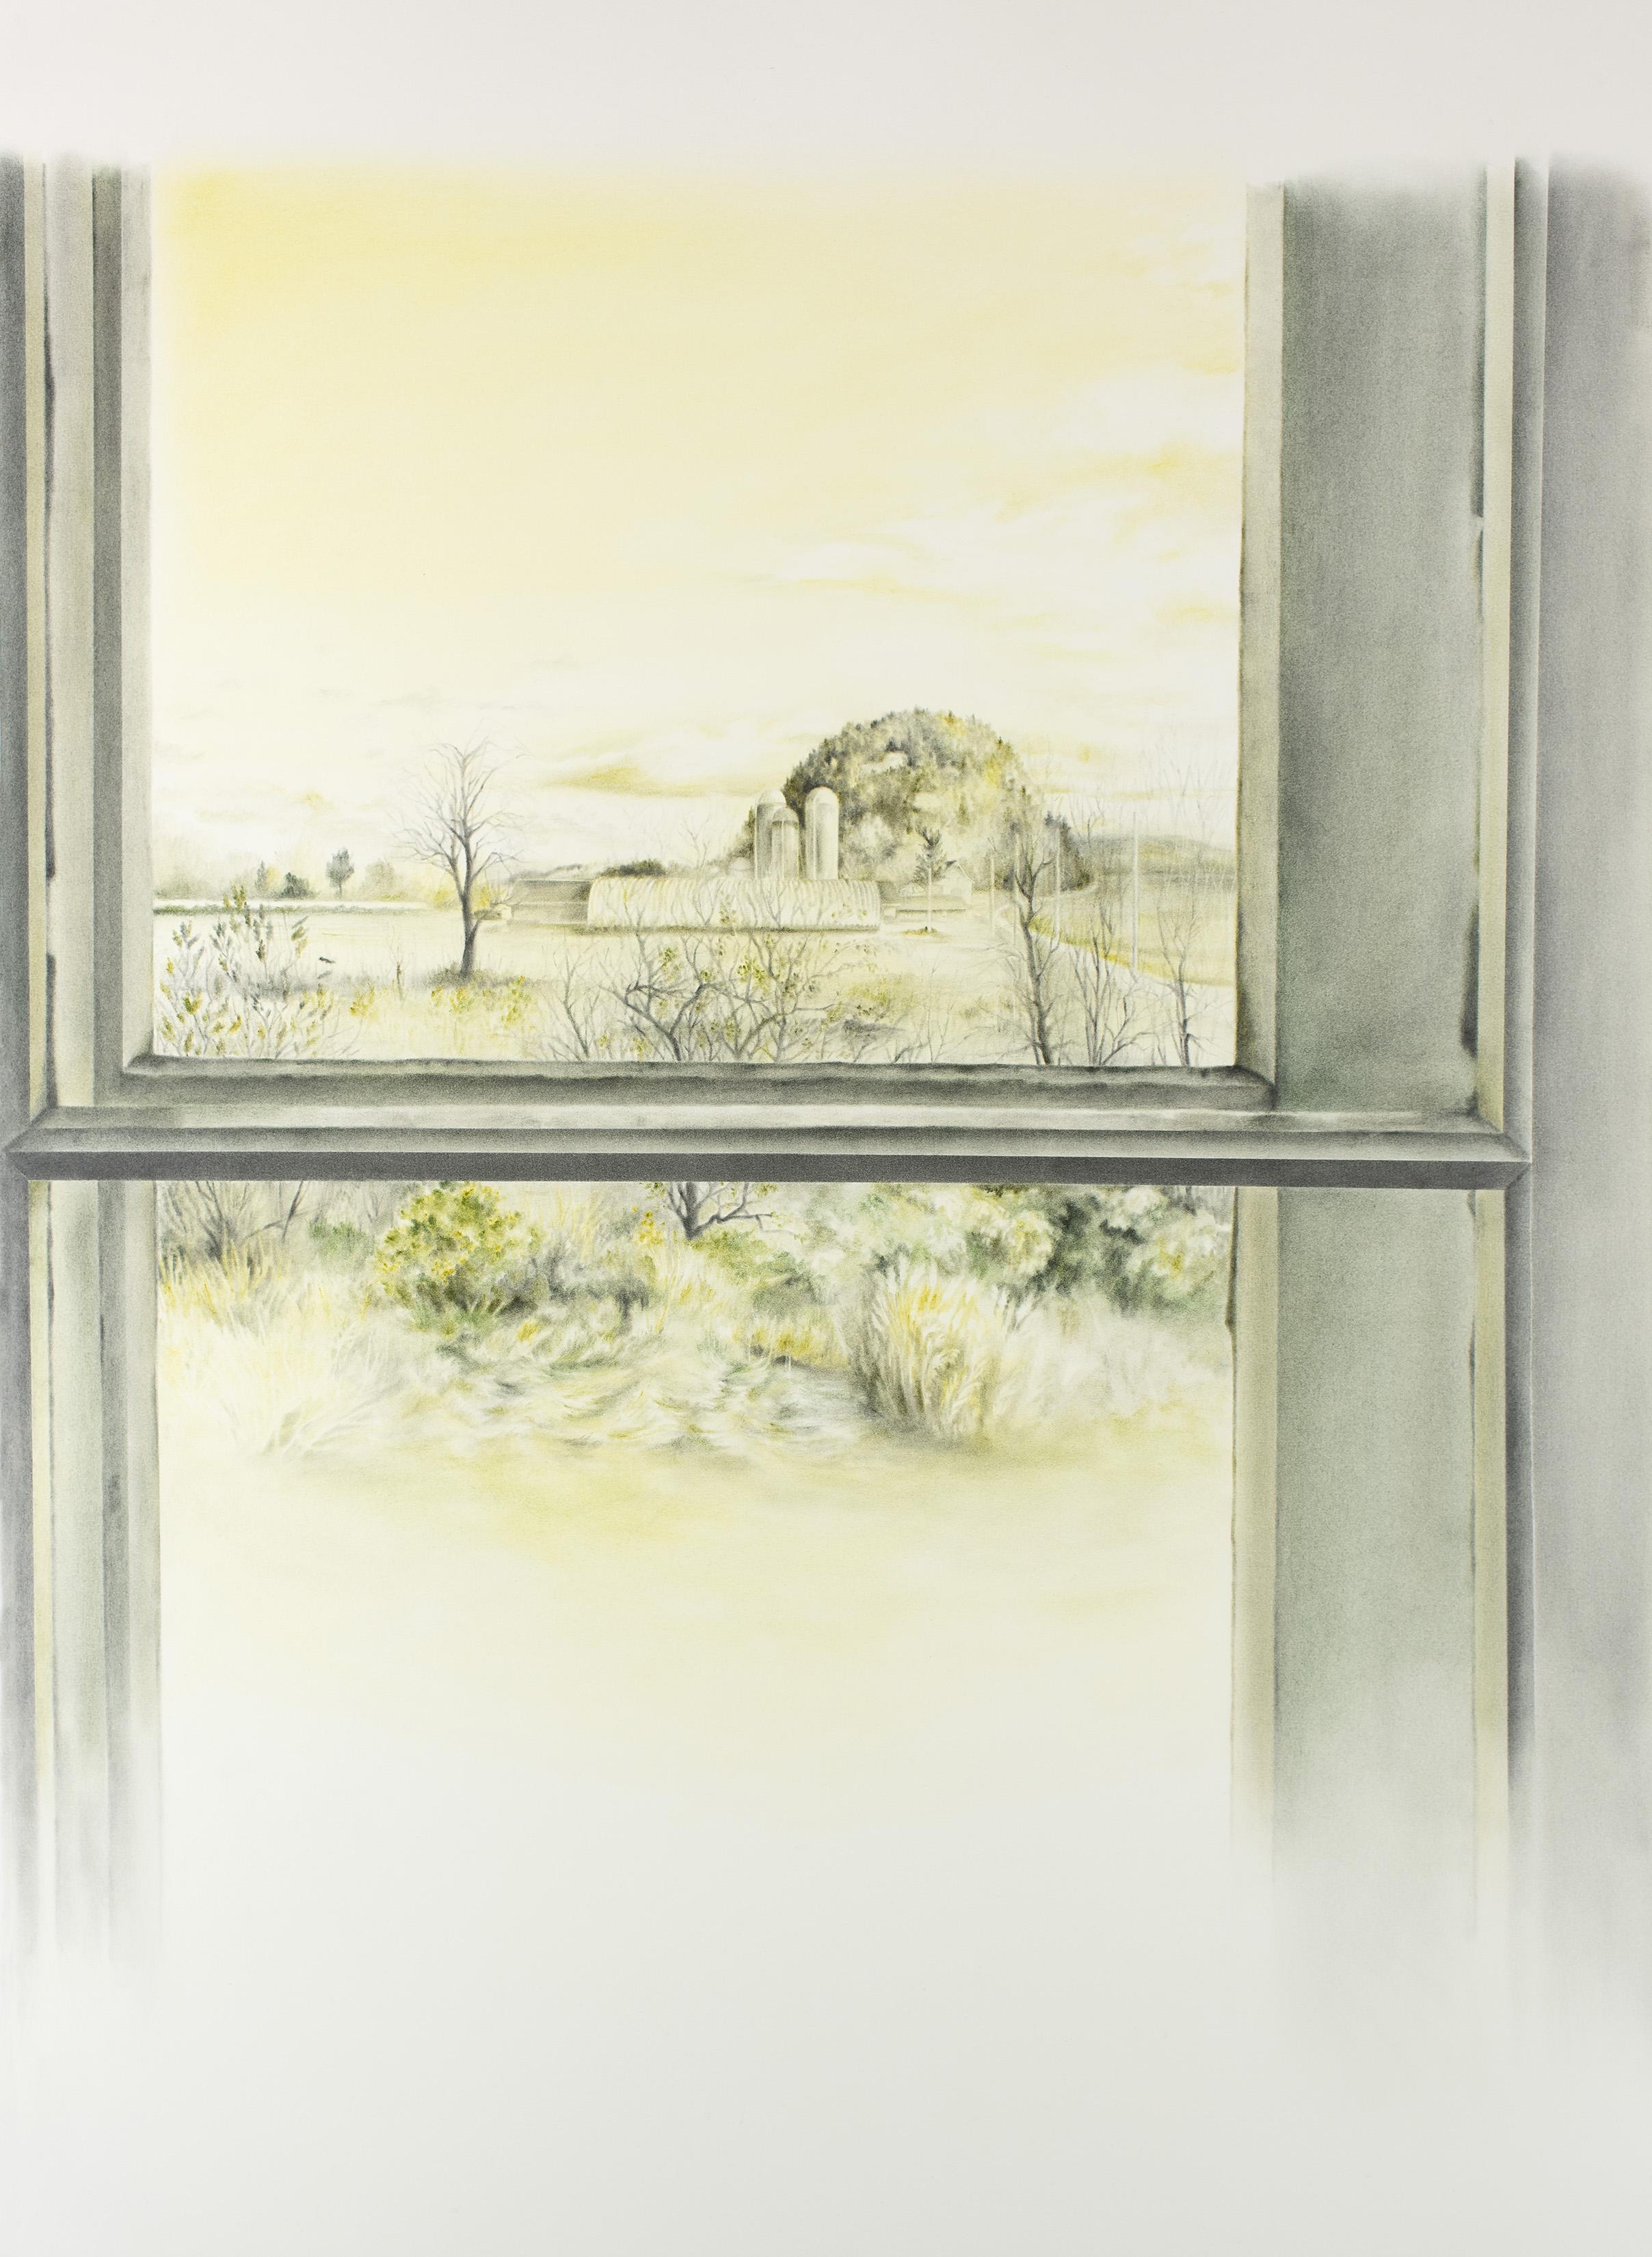 """Andréanne Godin,  Cabouron en novembre,  from the series  207 rang de l'Embarras , 2018, dry pigments on Arches paper, 51.5"""" x 31"""" (130 x 79 cm)"""